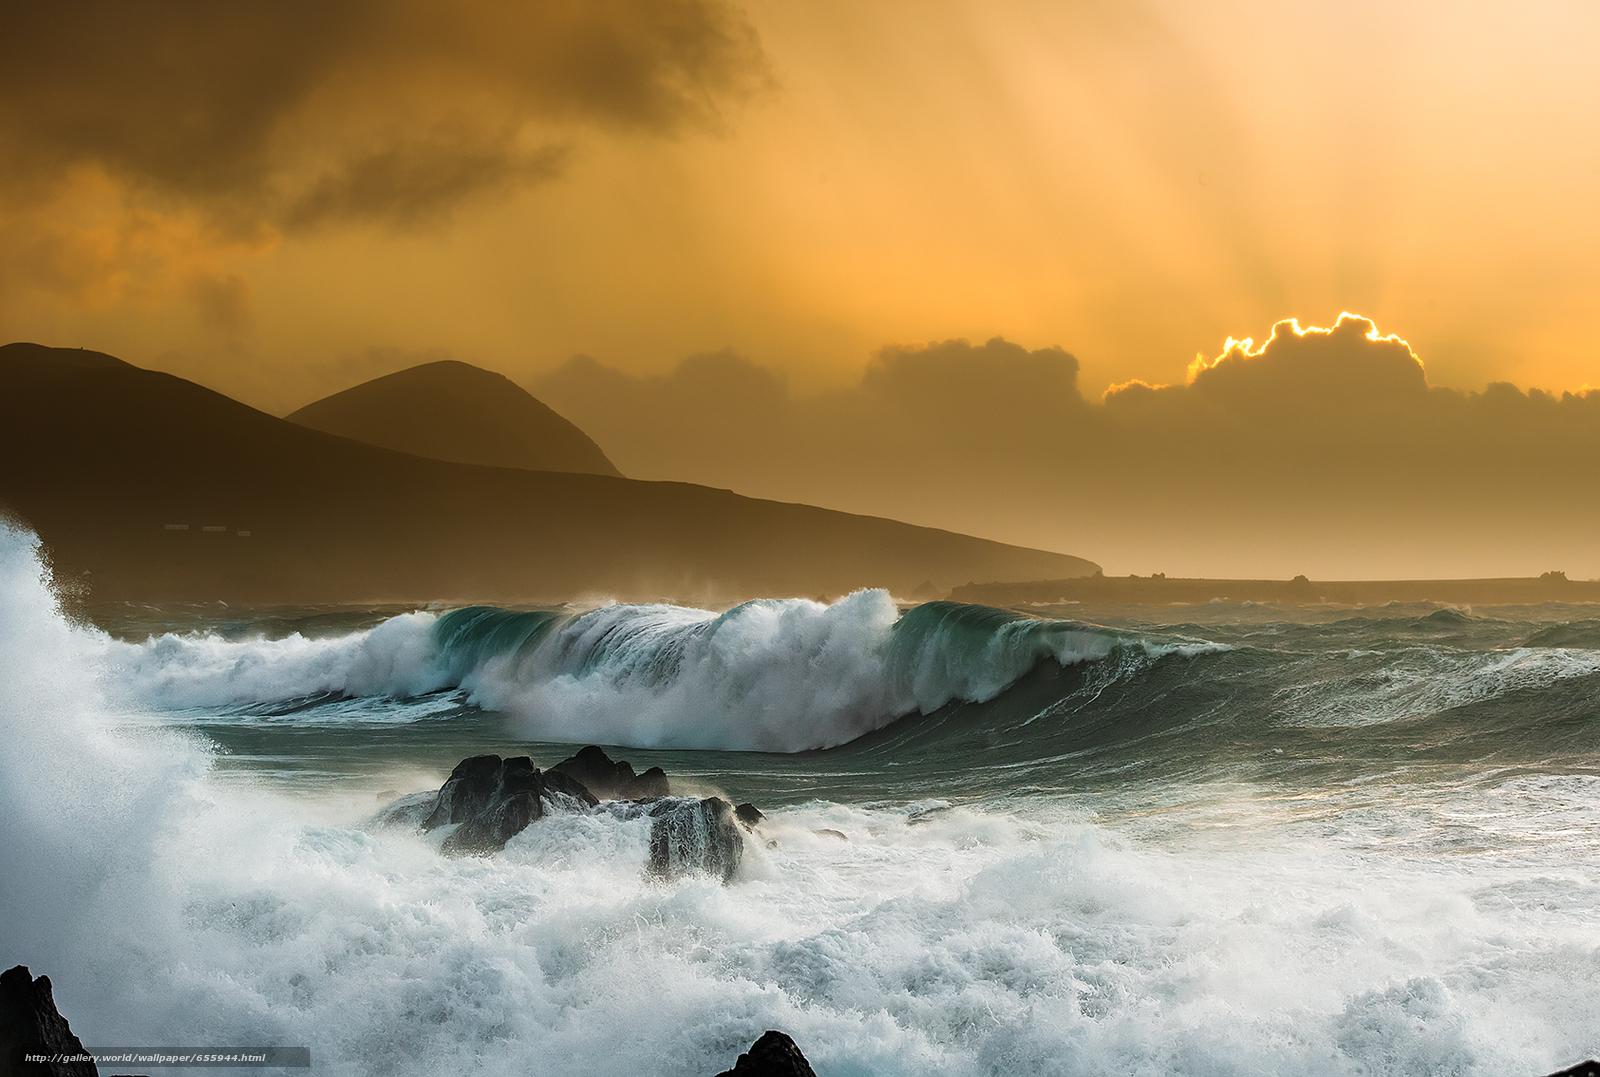 壁紙をダウンロード 日没,  海,  波浪,  風景 デスクトップの解像度のための無料壁紙 1685x1134 — 絵 №655944